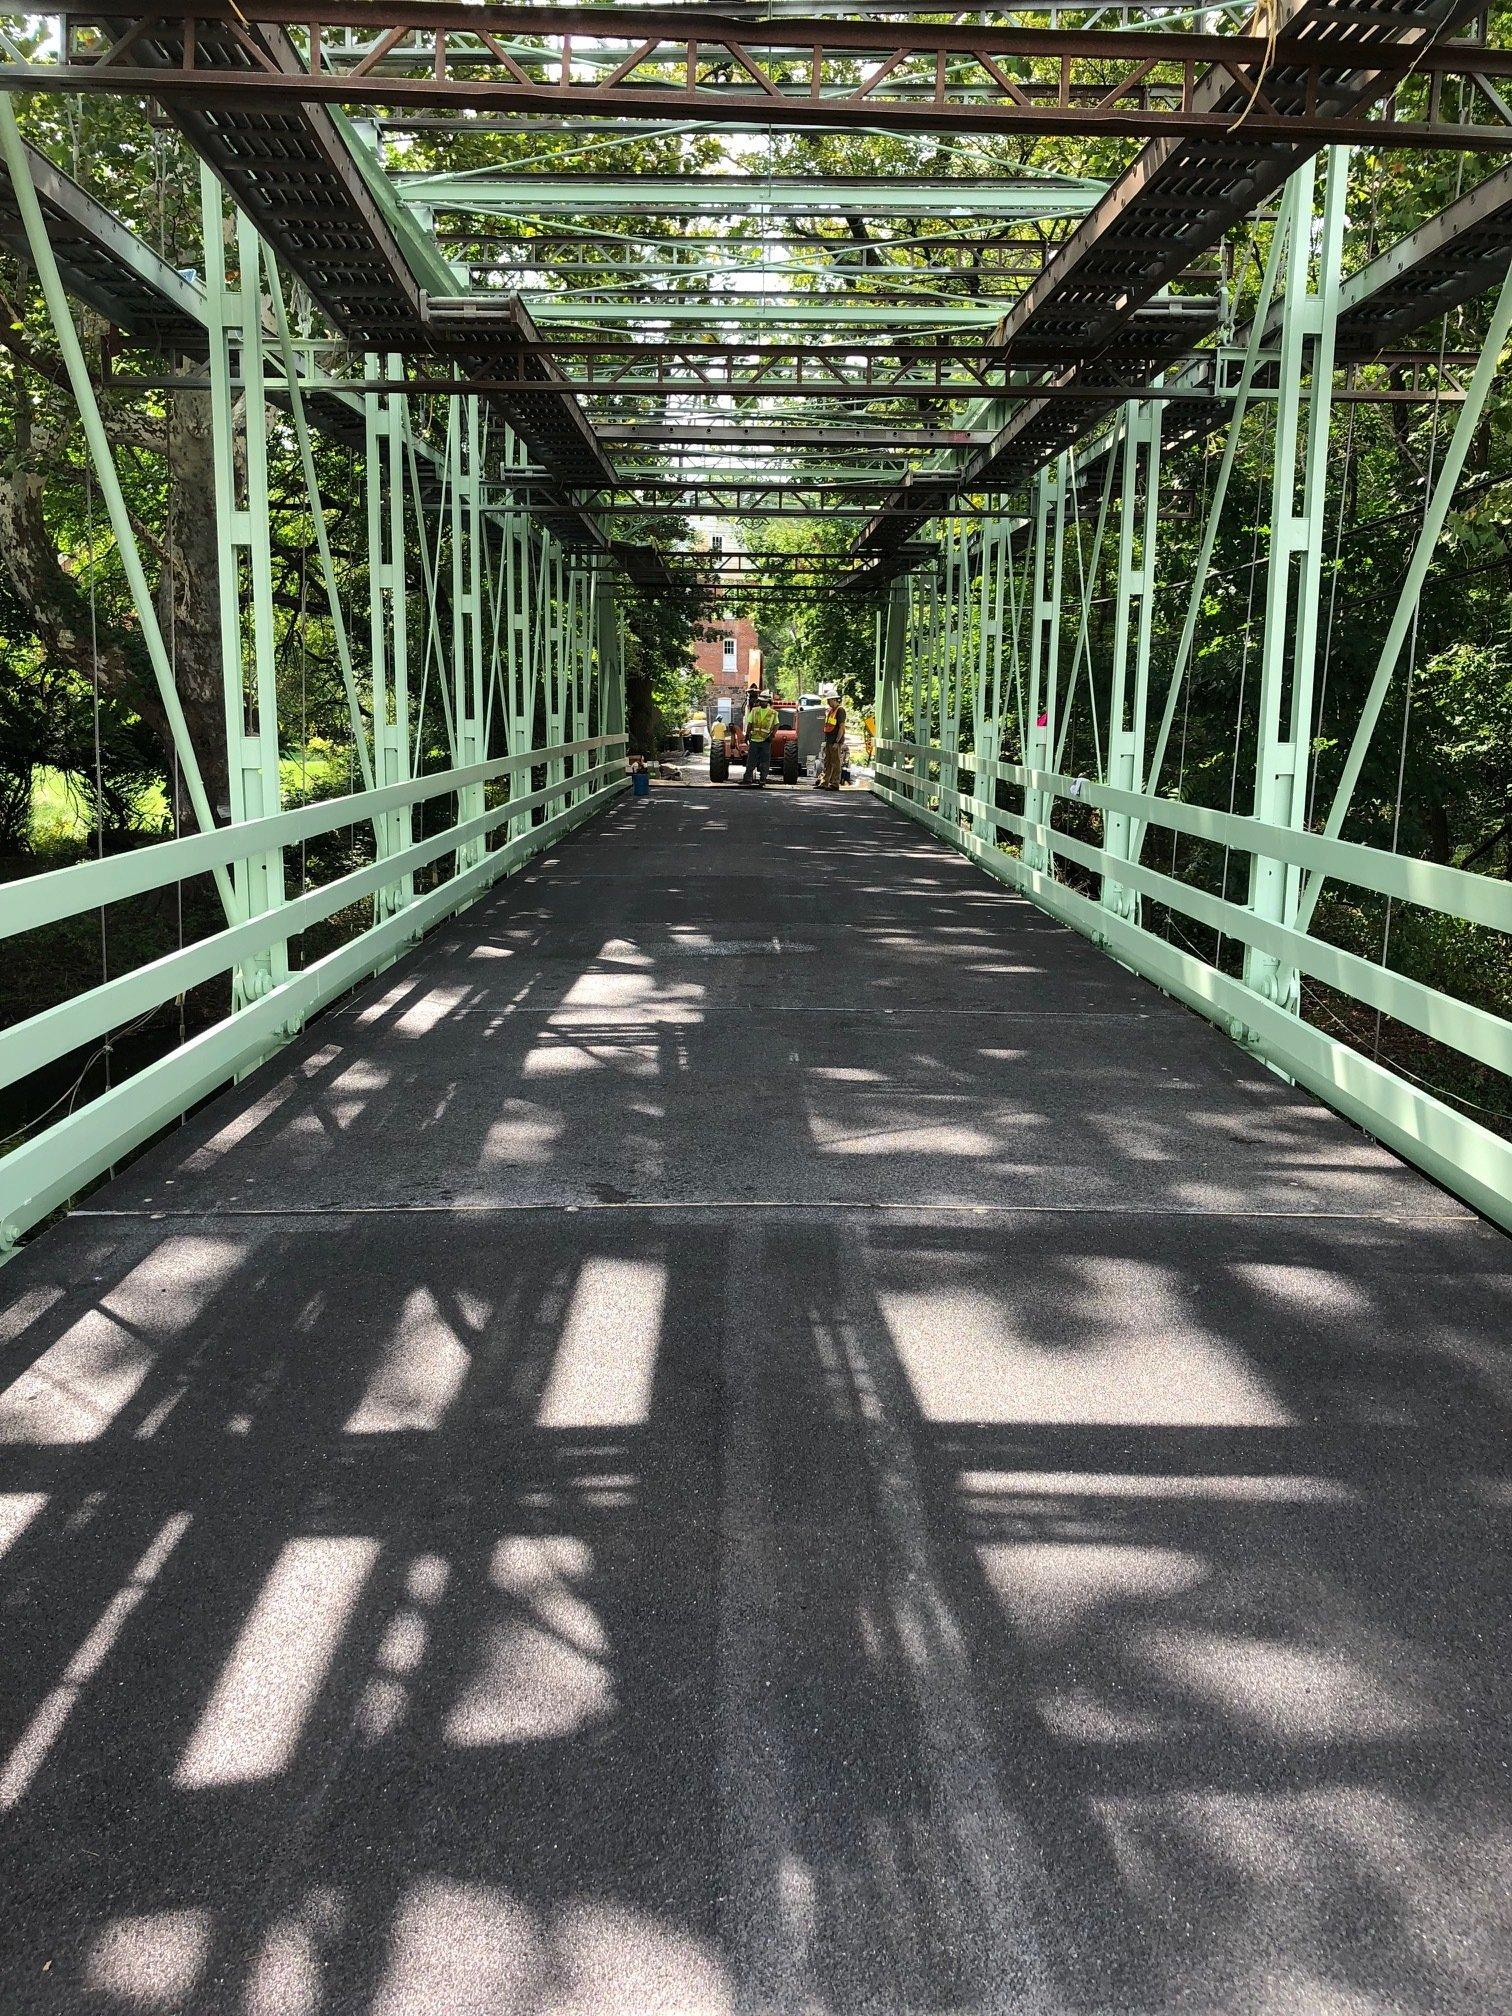 Peevy Road Bridge with FRP panels